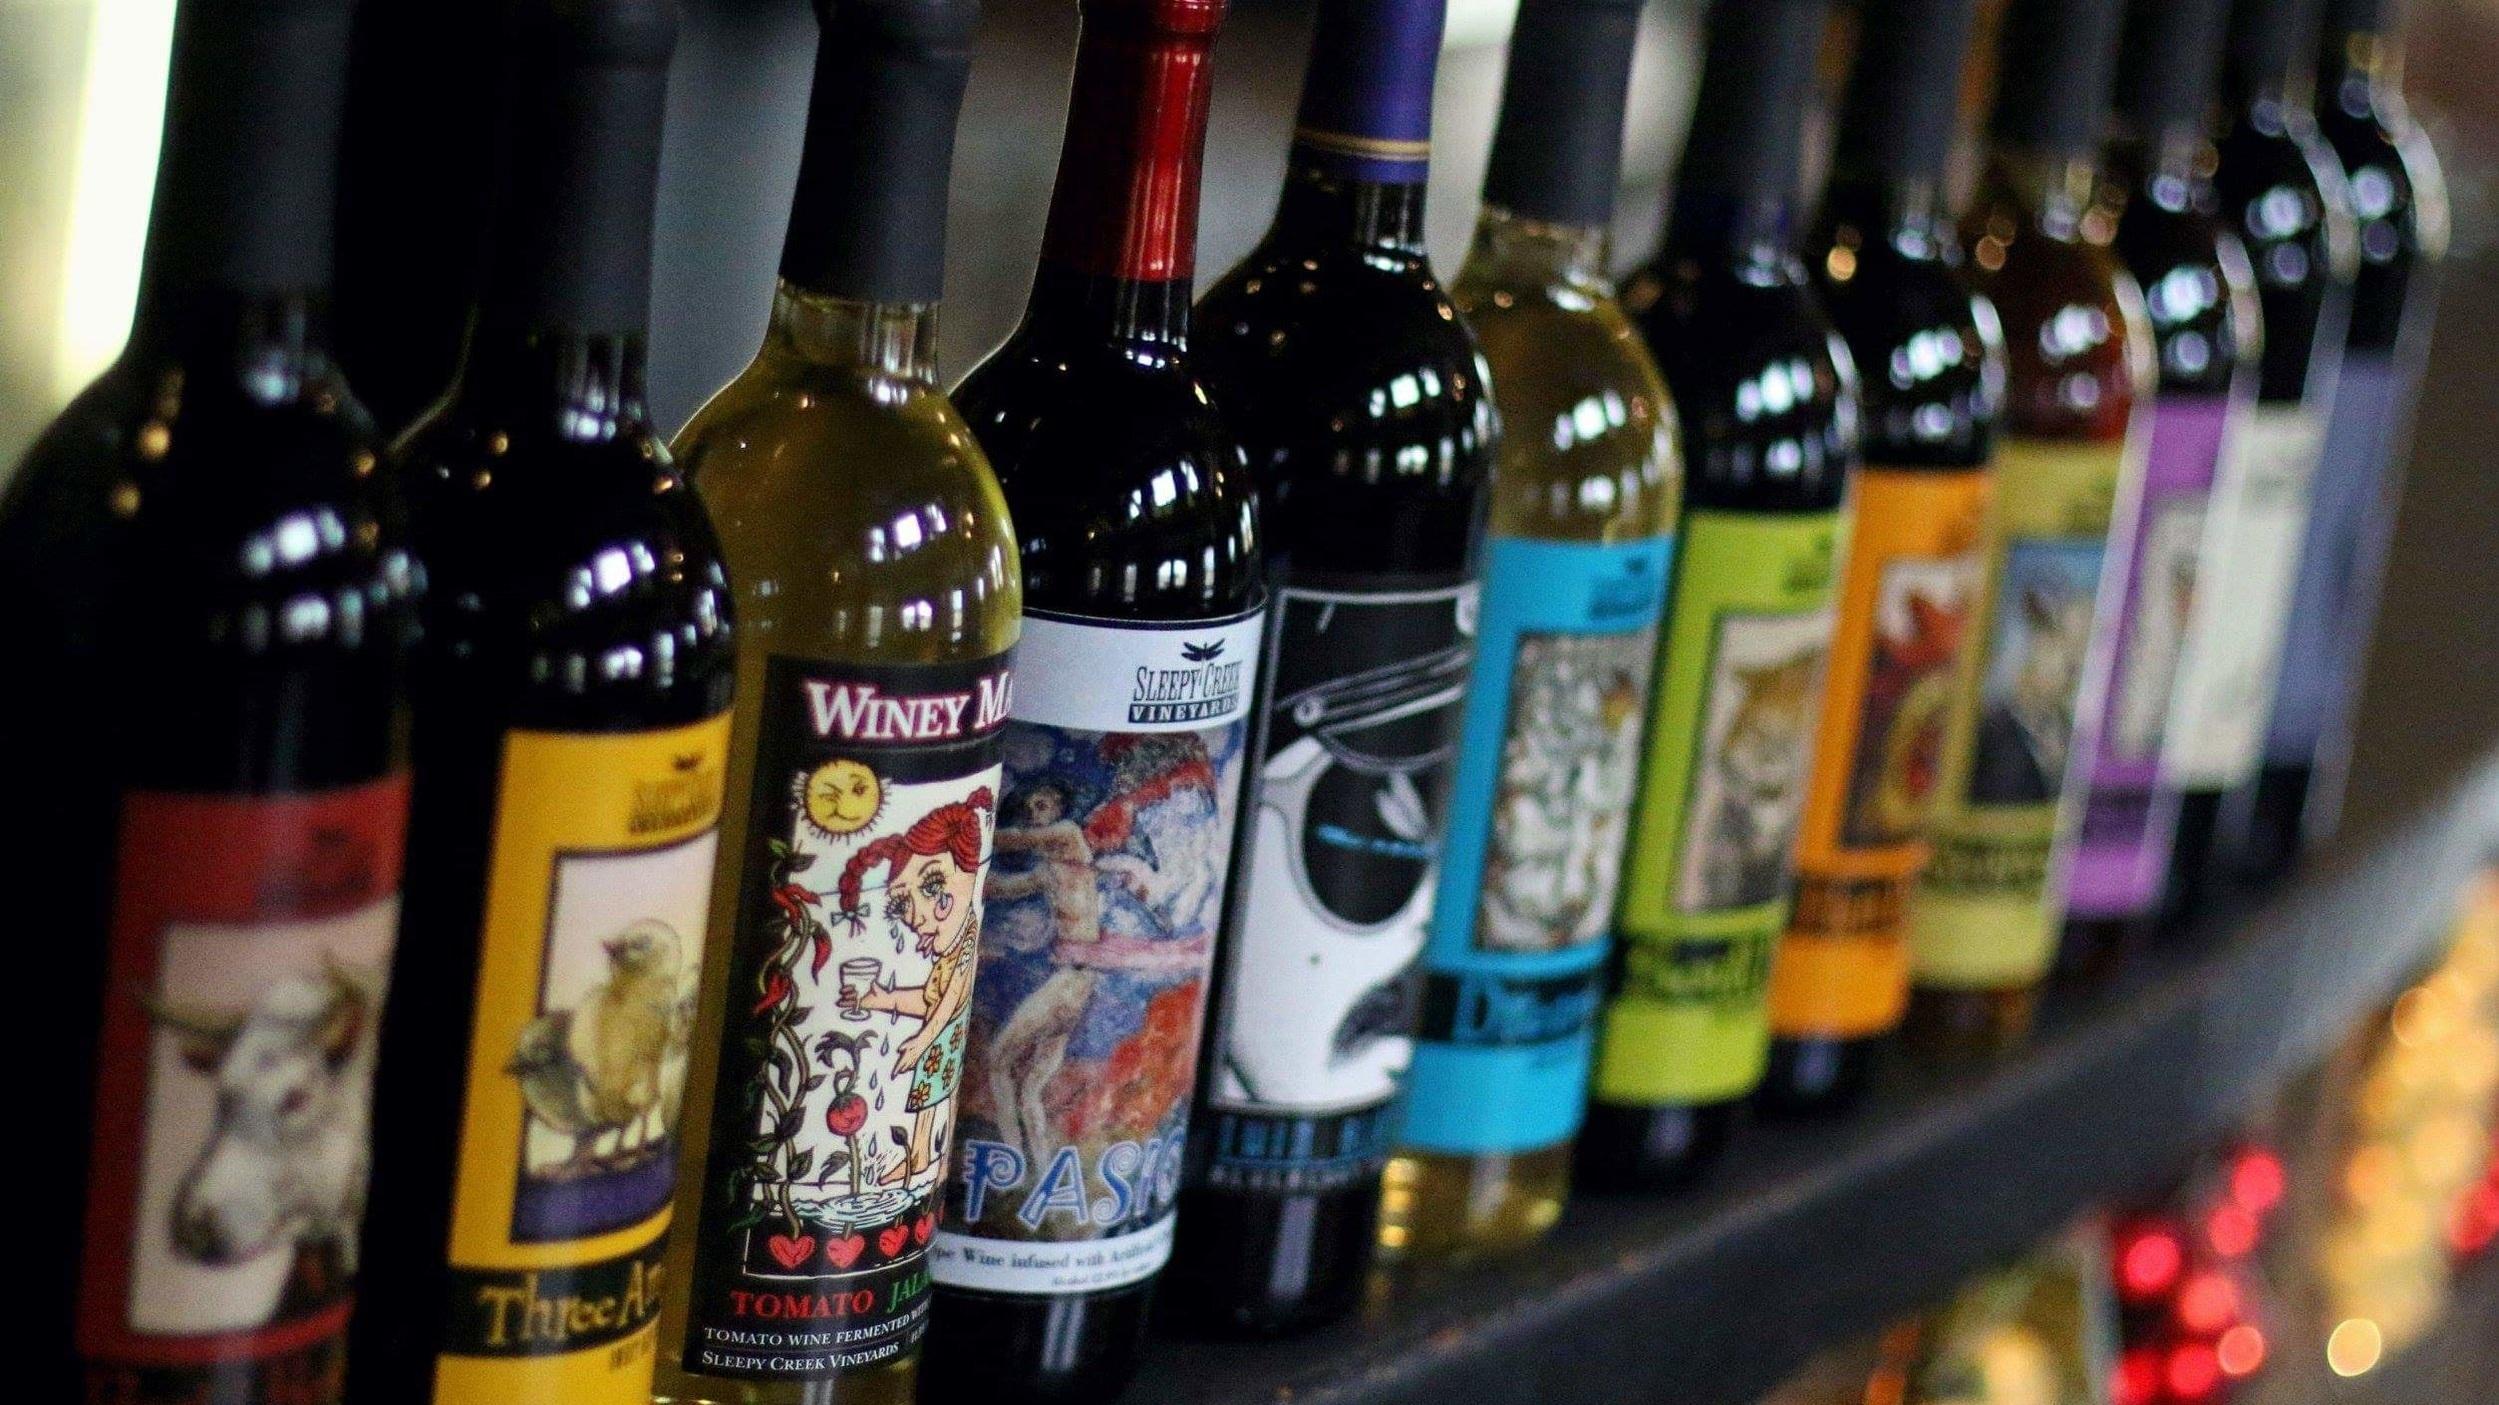 General Info Sleepy Creek Vineyards